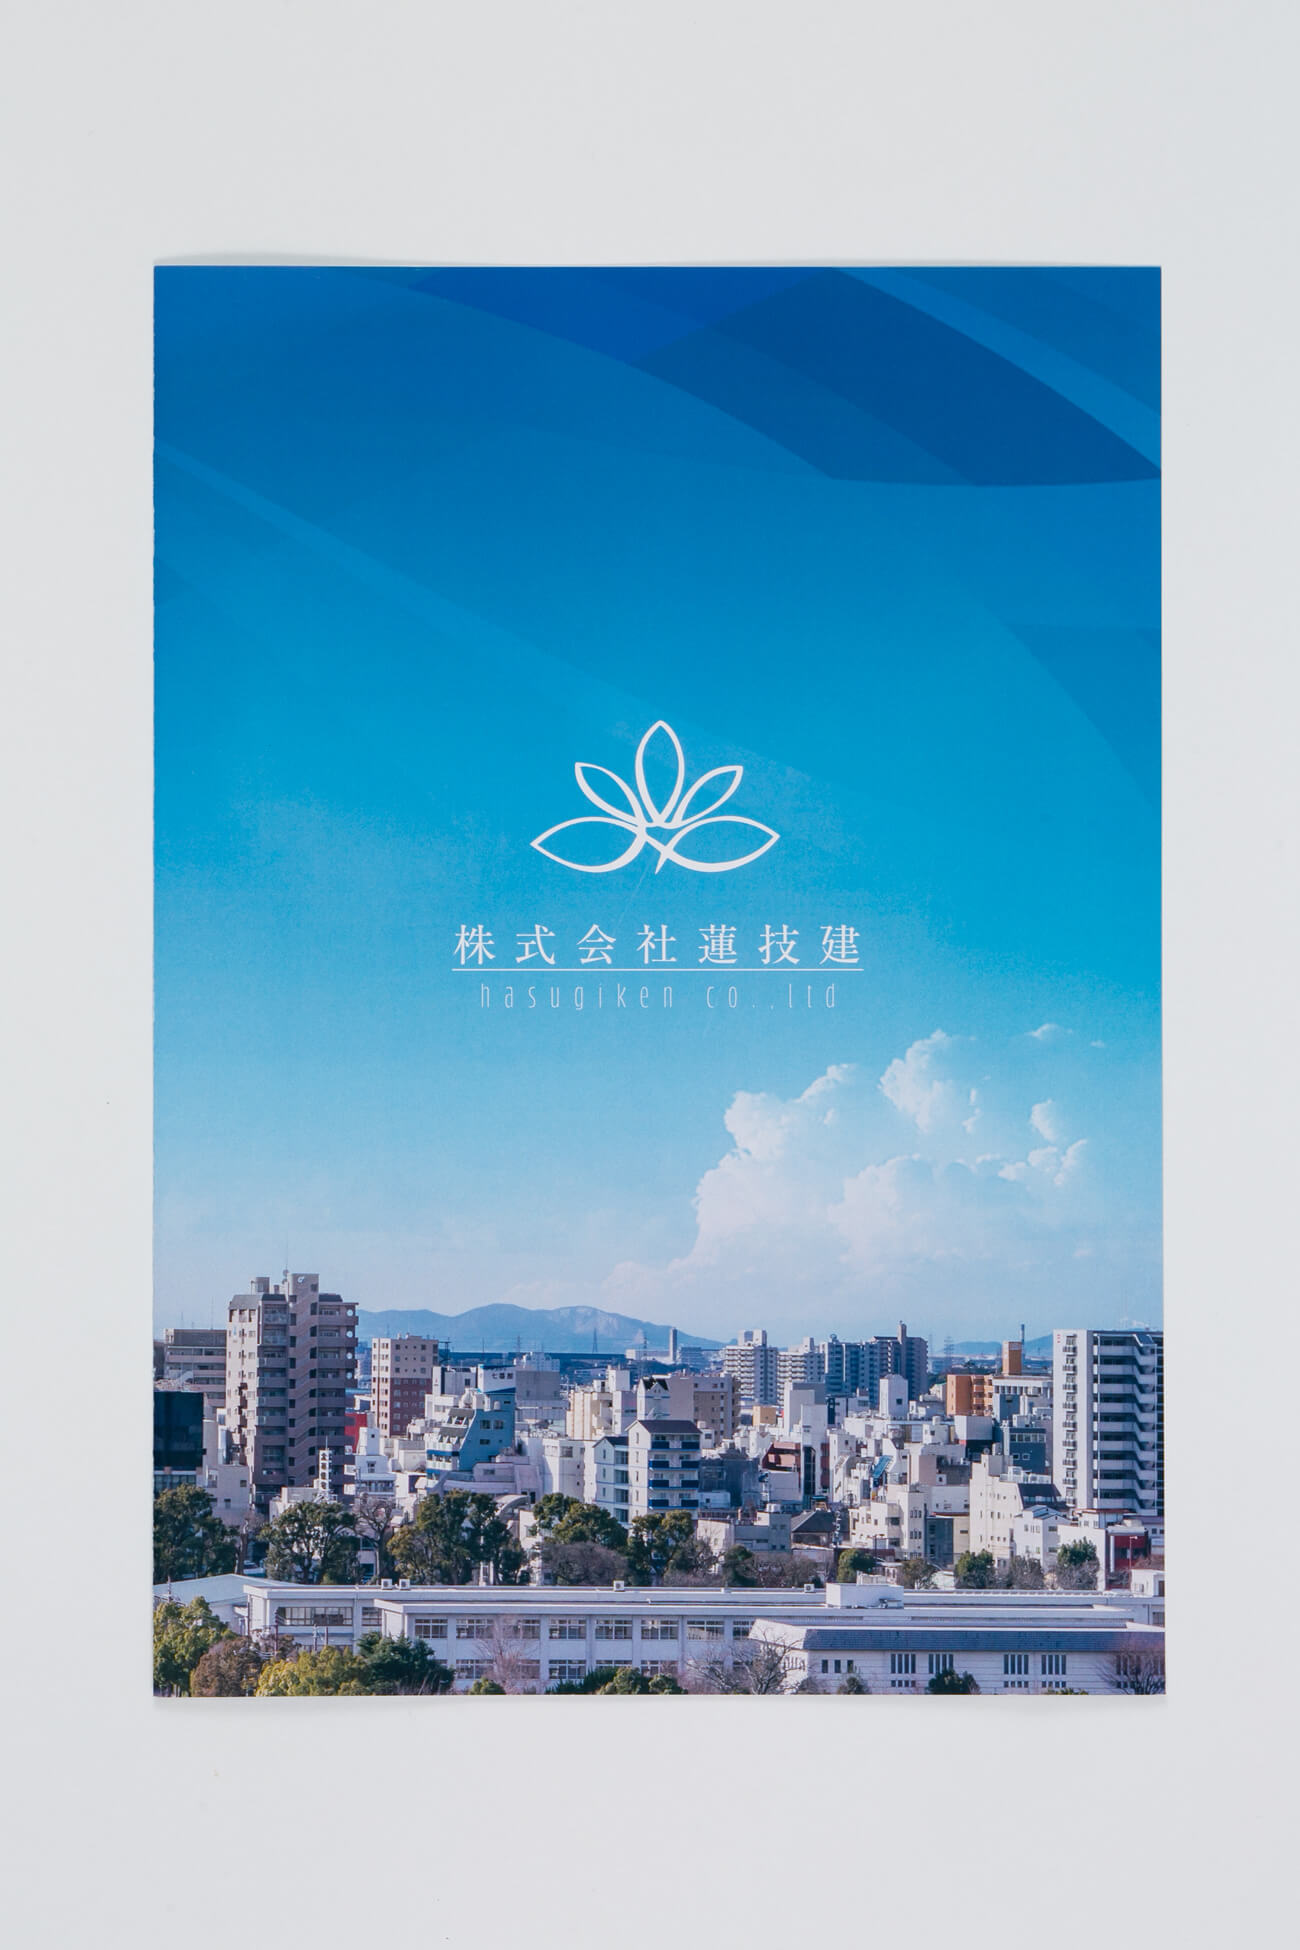 姫路市 株式会社蓮技建様 会社案内パンフレット制作1